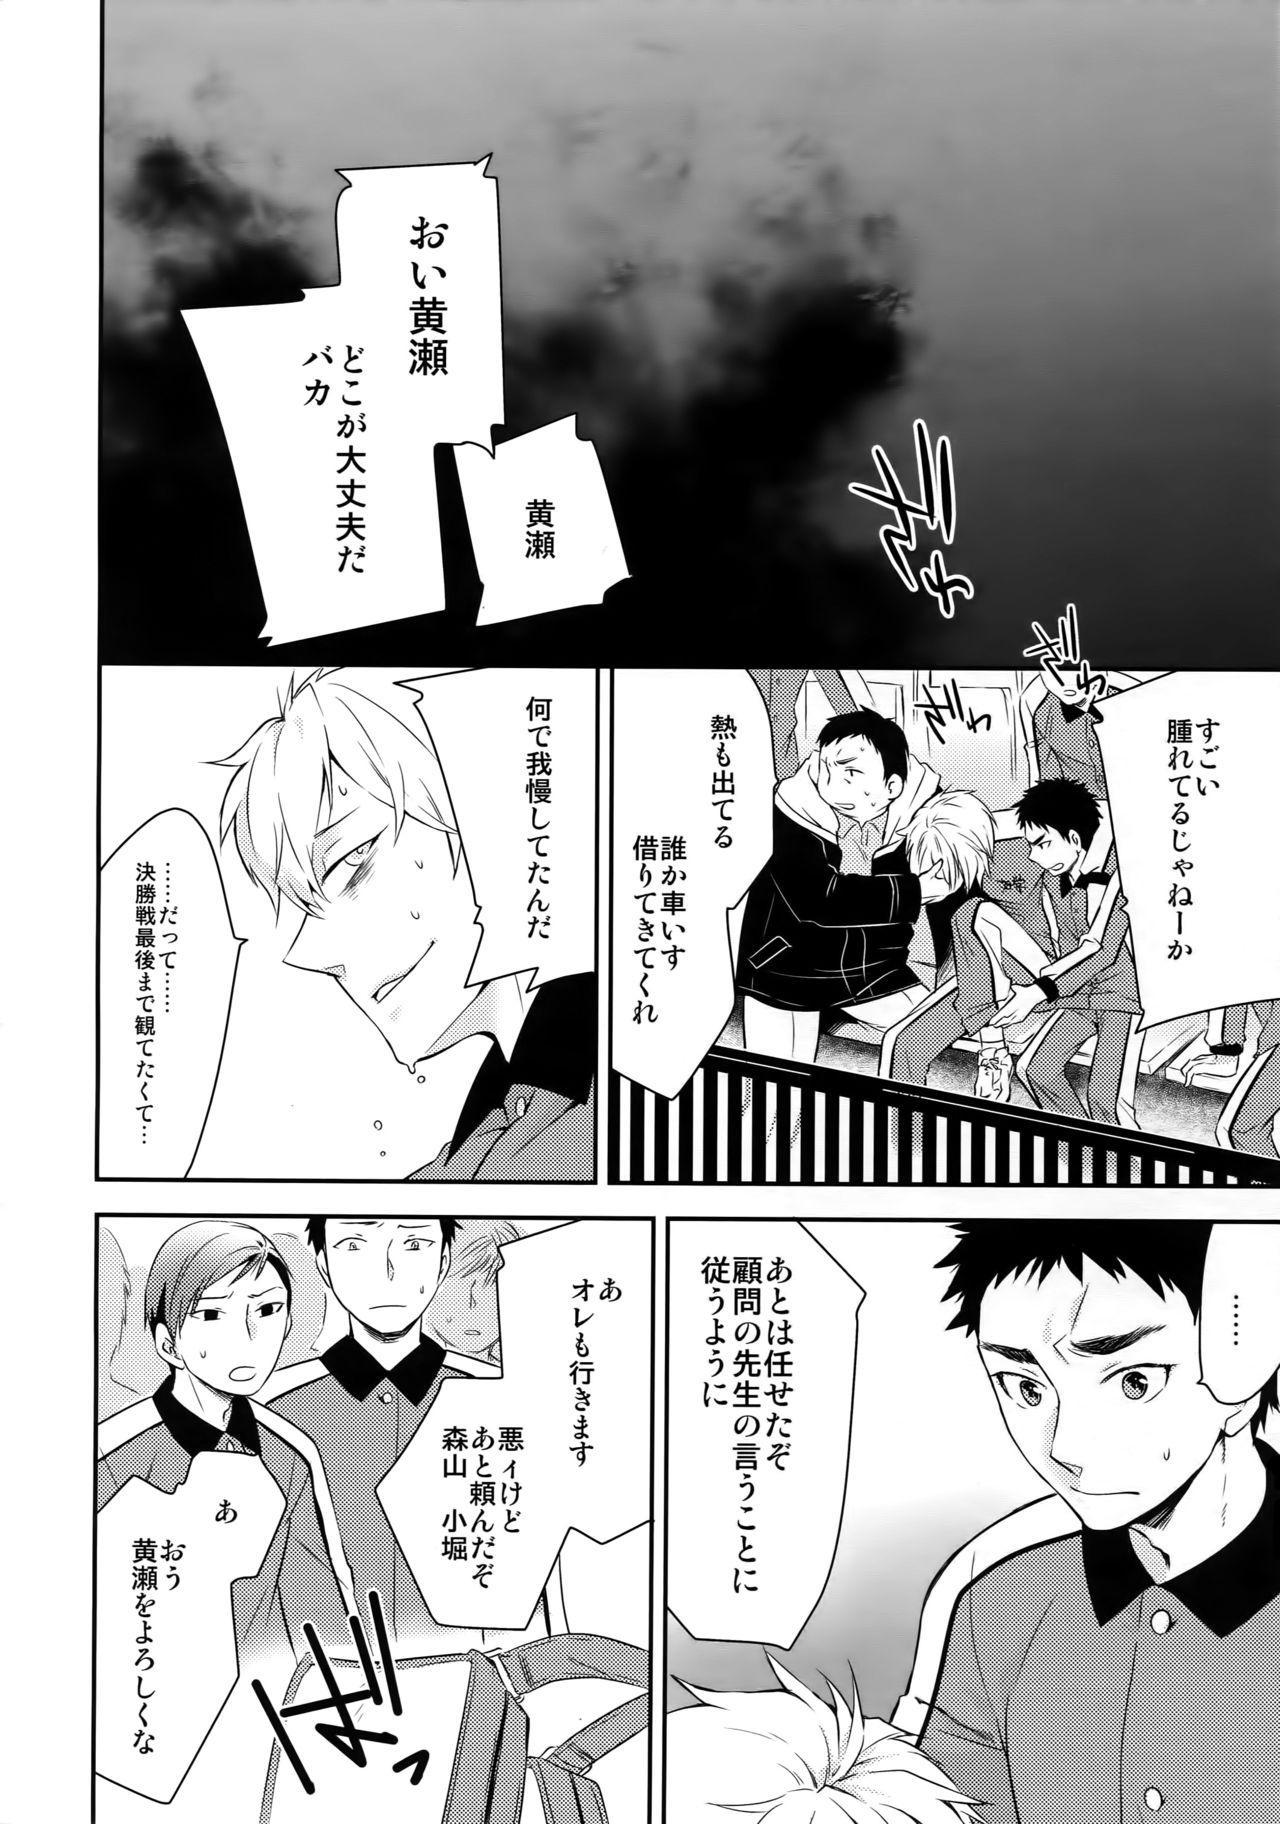 [Bakuchi Jinsei SP (Satsuki Fumi)] Kanpeki Kareshi to Zettai Ryouiki Ouji-sama - Another Version - (Kuroko no Basket) 124